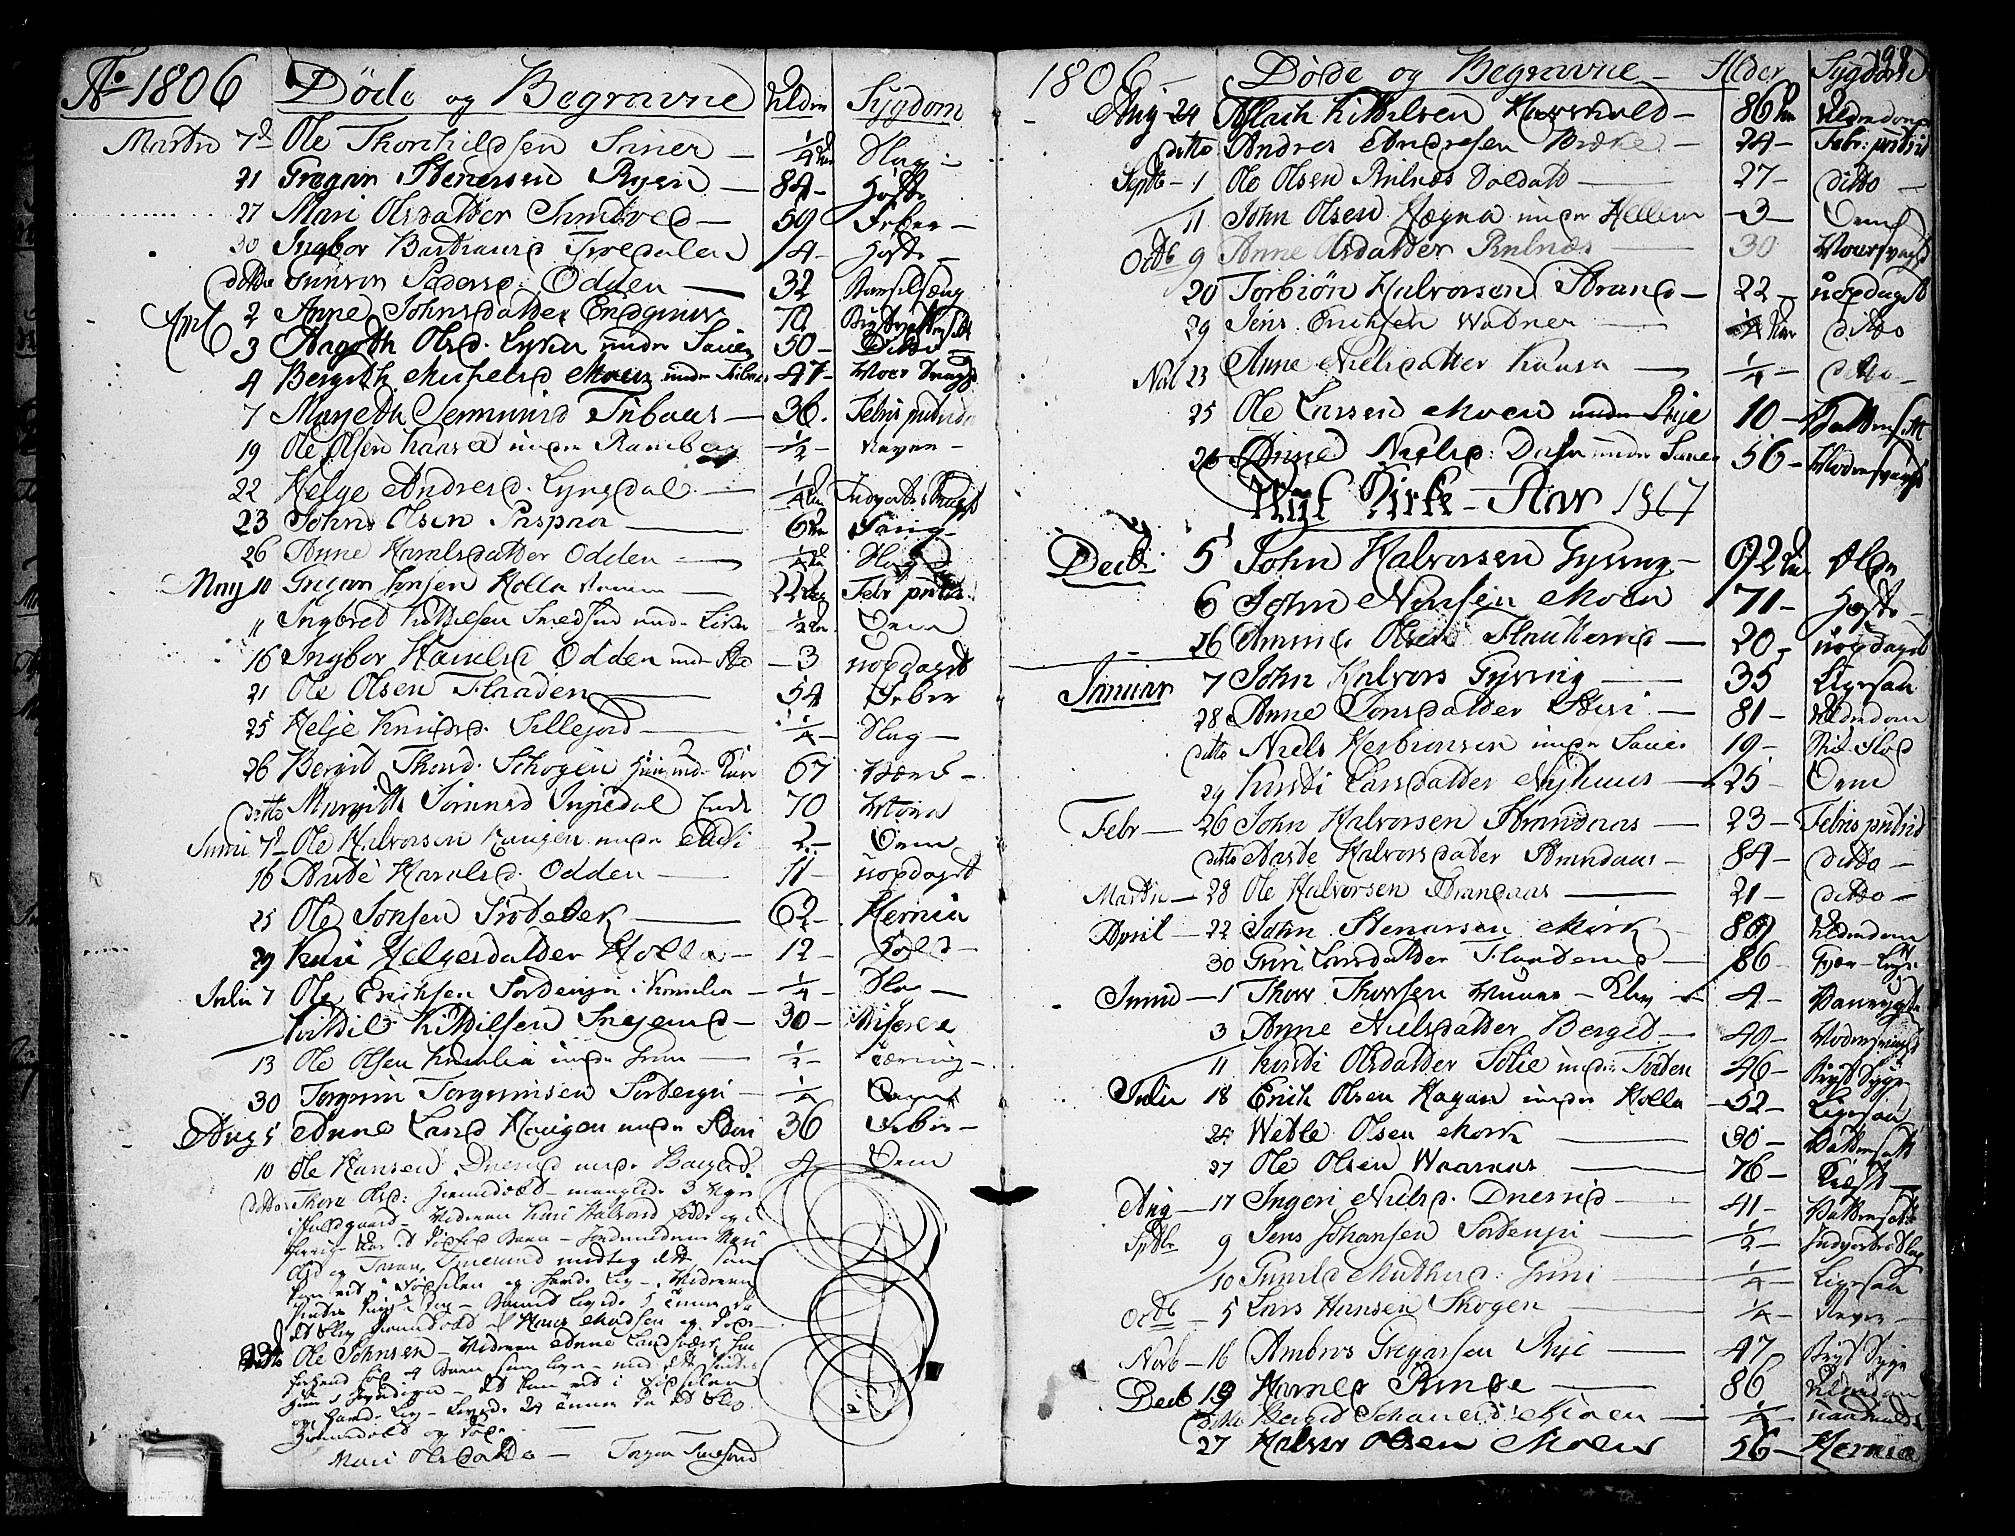 SAKO, Heddal kirkebøker, F/Fa/L0004: Ministerialbok nr. I 4, 1784-1814, s. 198